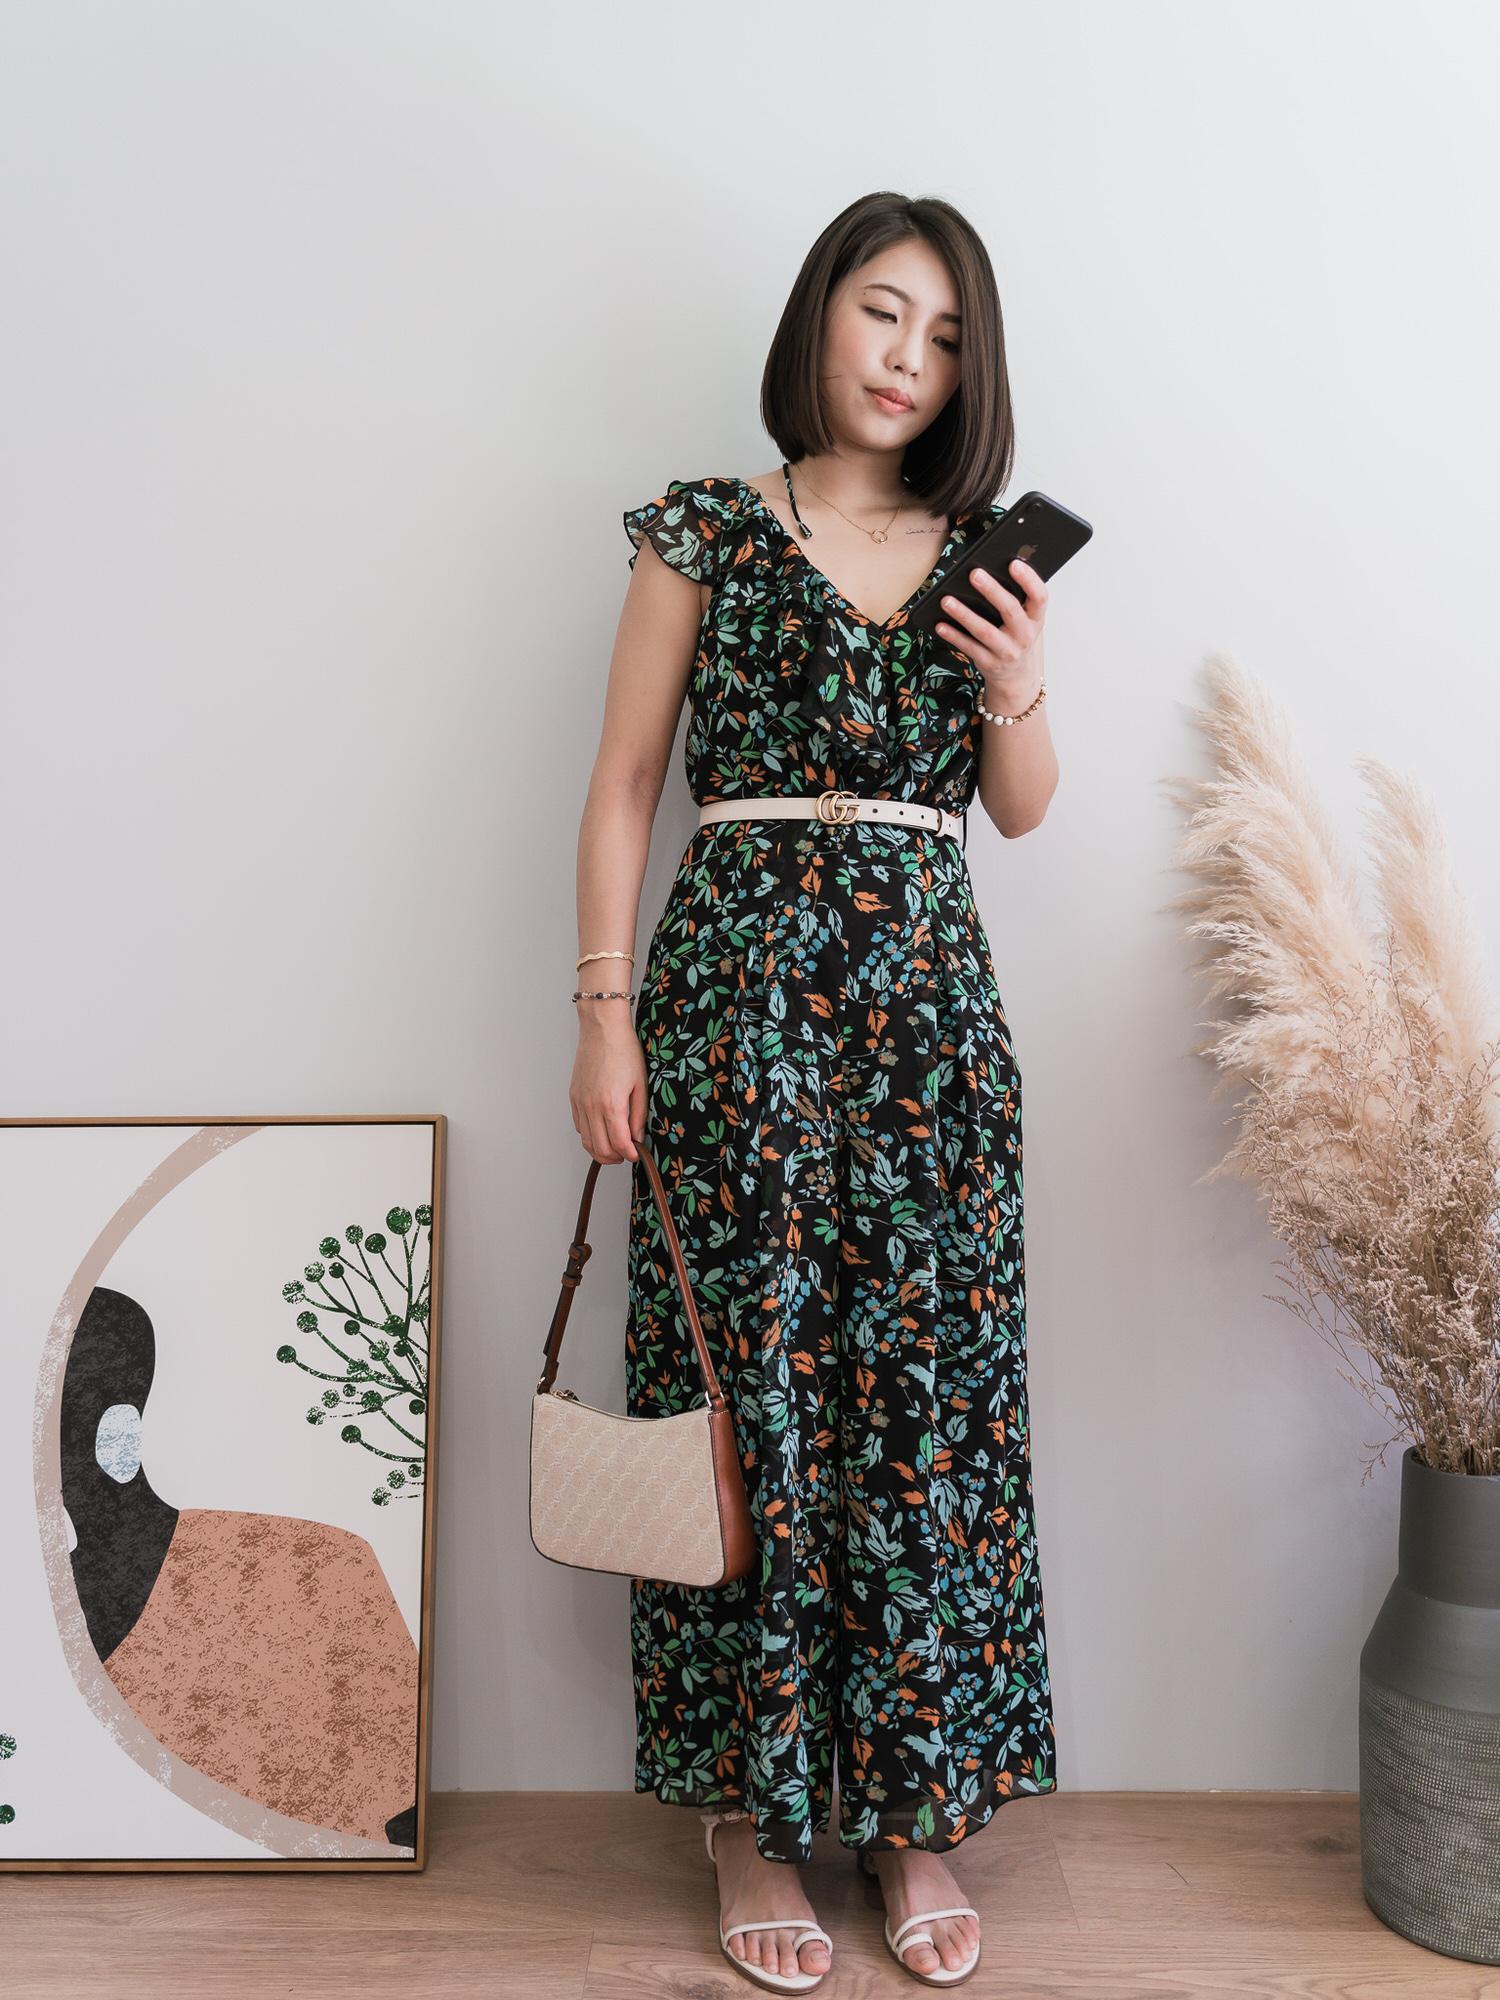 英國品牌WHISTLES推薦,一件很森林感的Forest floral-print crepe jumpsuit超級顯瘦連身褲!小個子也能駕馭,很適合參加婚禮的搭配唷!